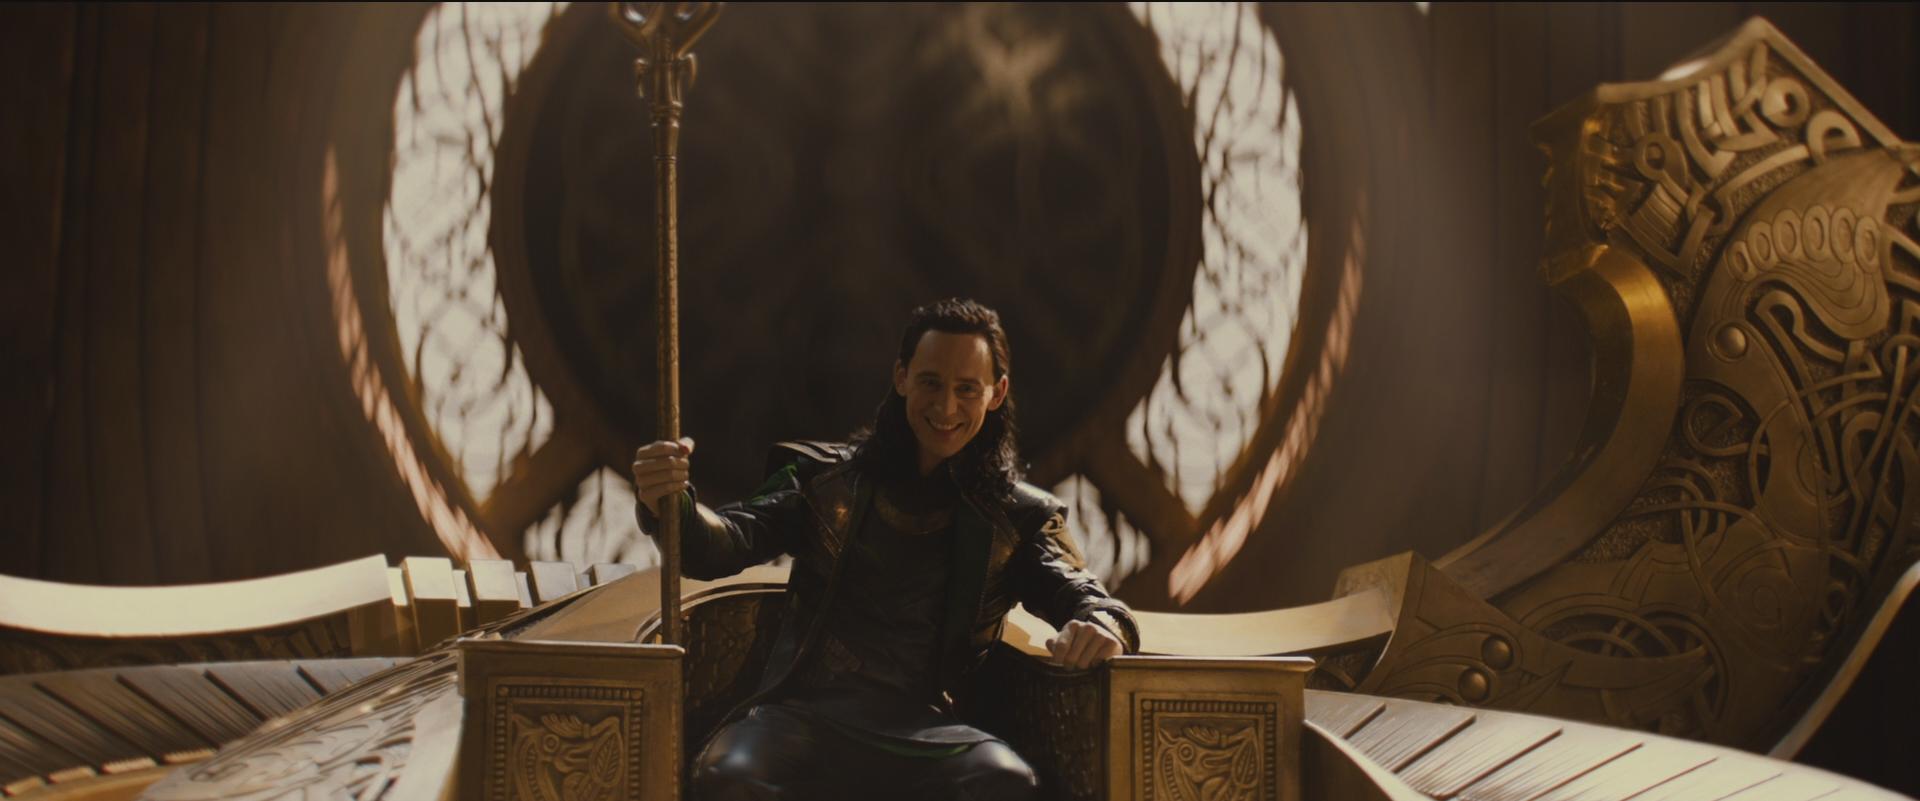 Loki_the_king.jpg